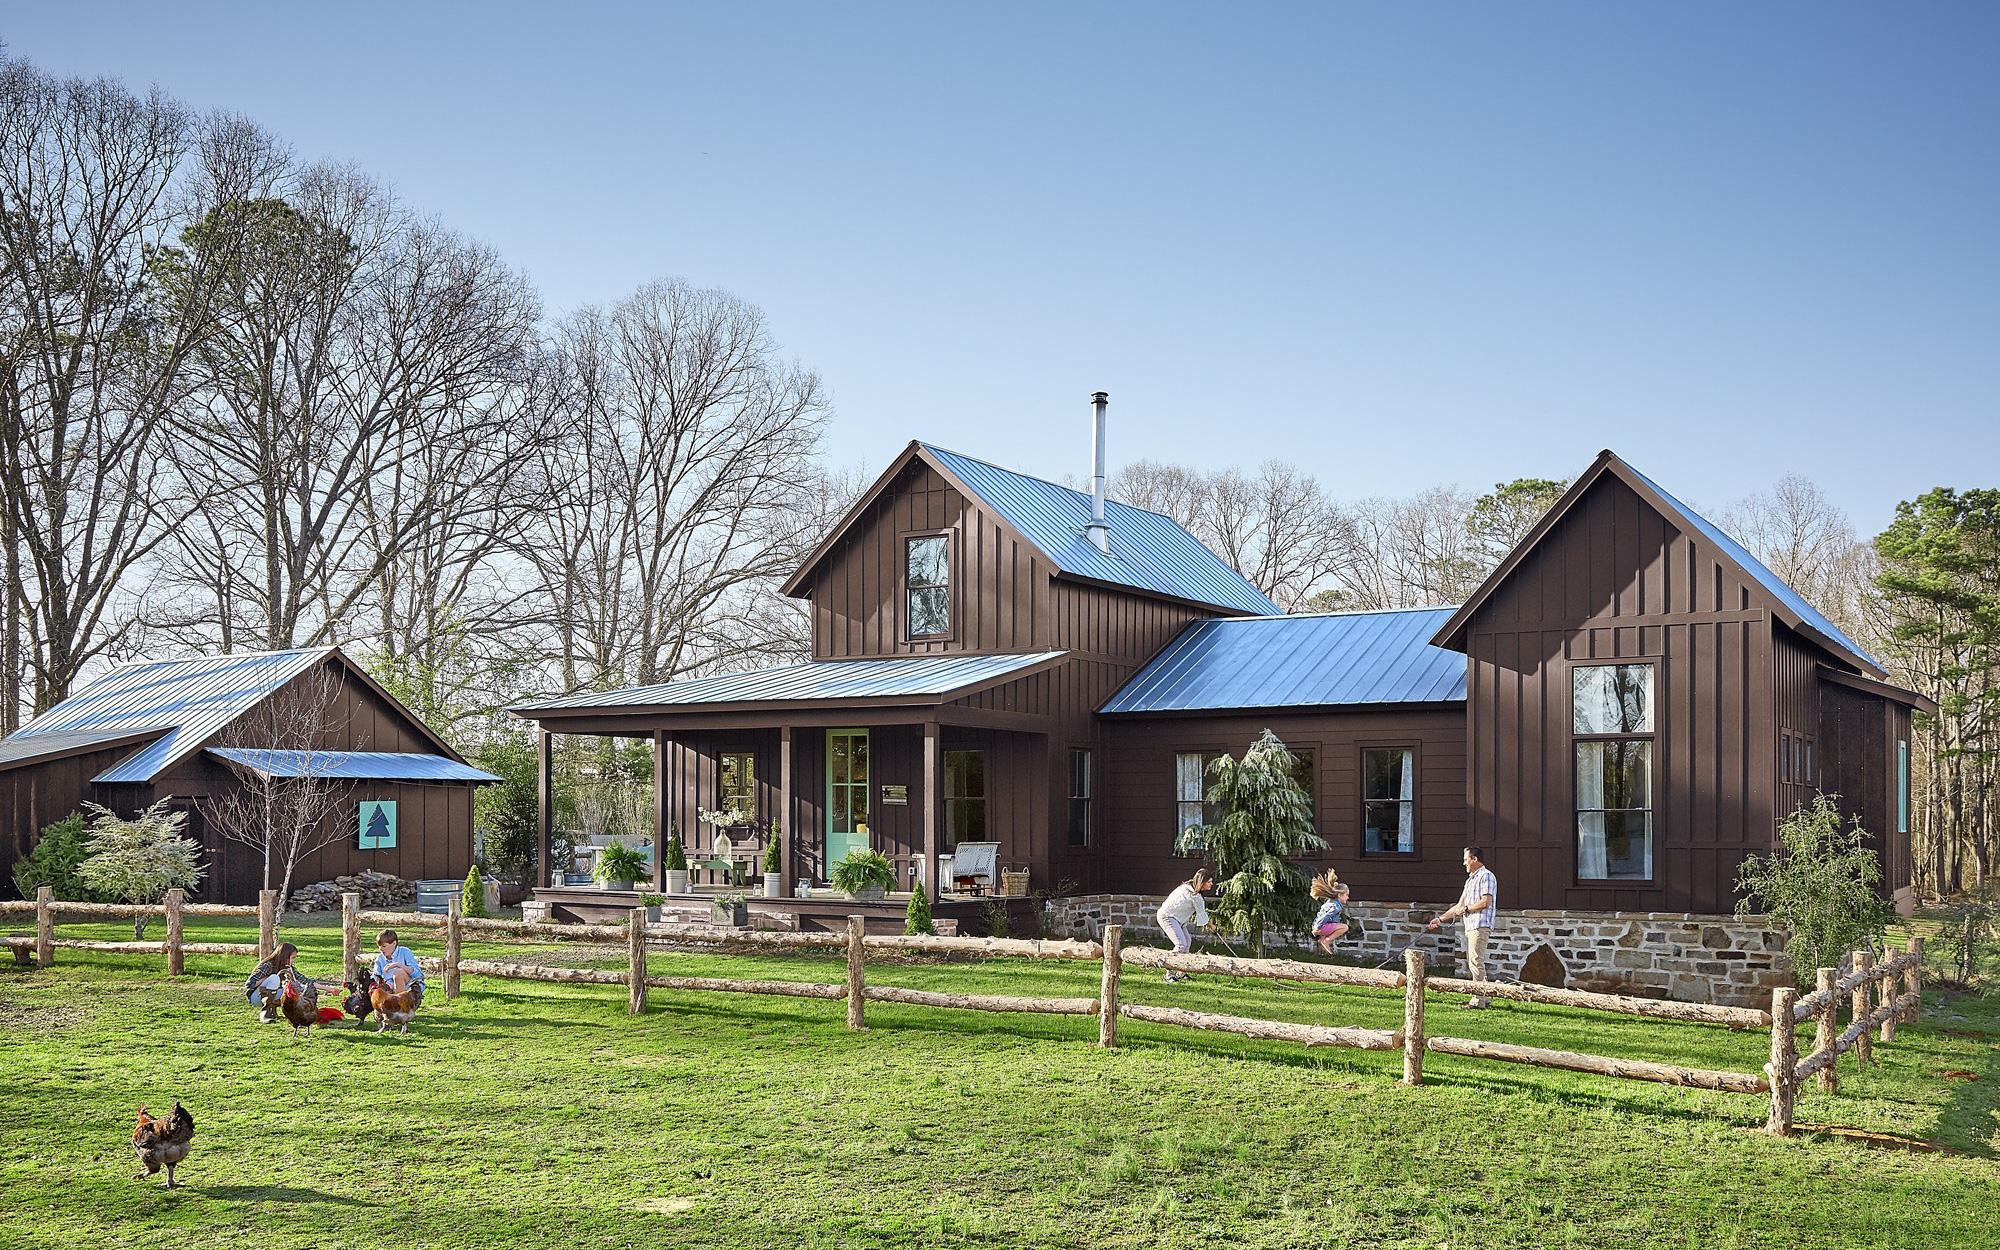 Chiêm ngưỡng ngôi nhà mơ ước ở làng quê của cặp vợ chồng quyết cho con cái có tuổi thơ đẹp và trọn vẹn